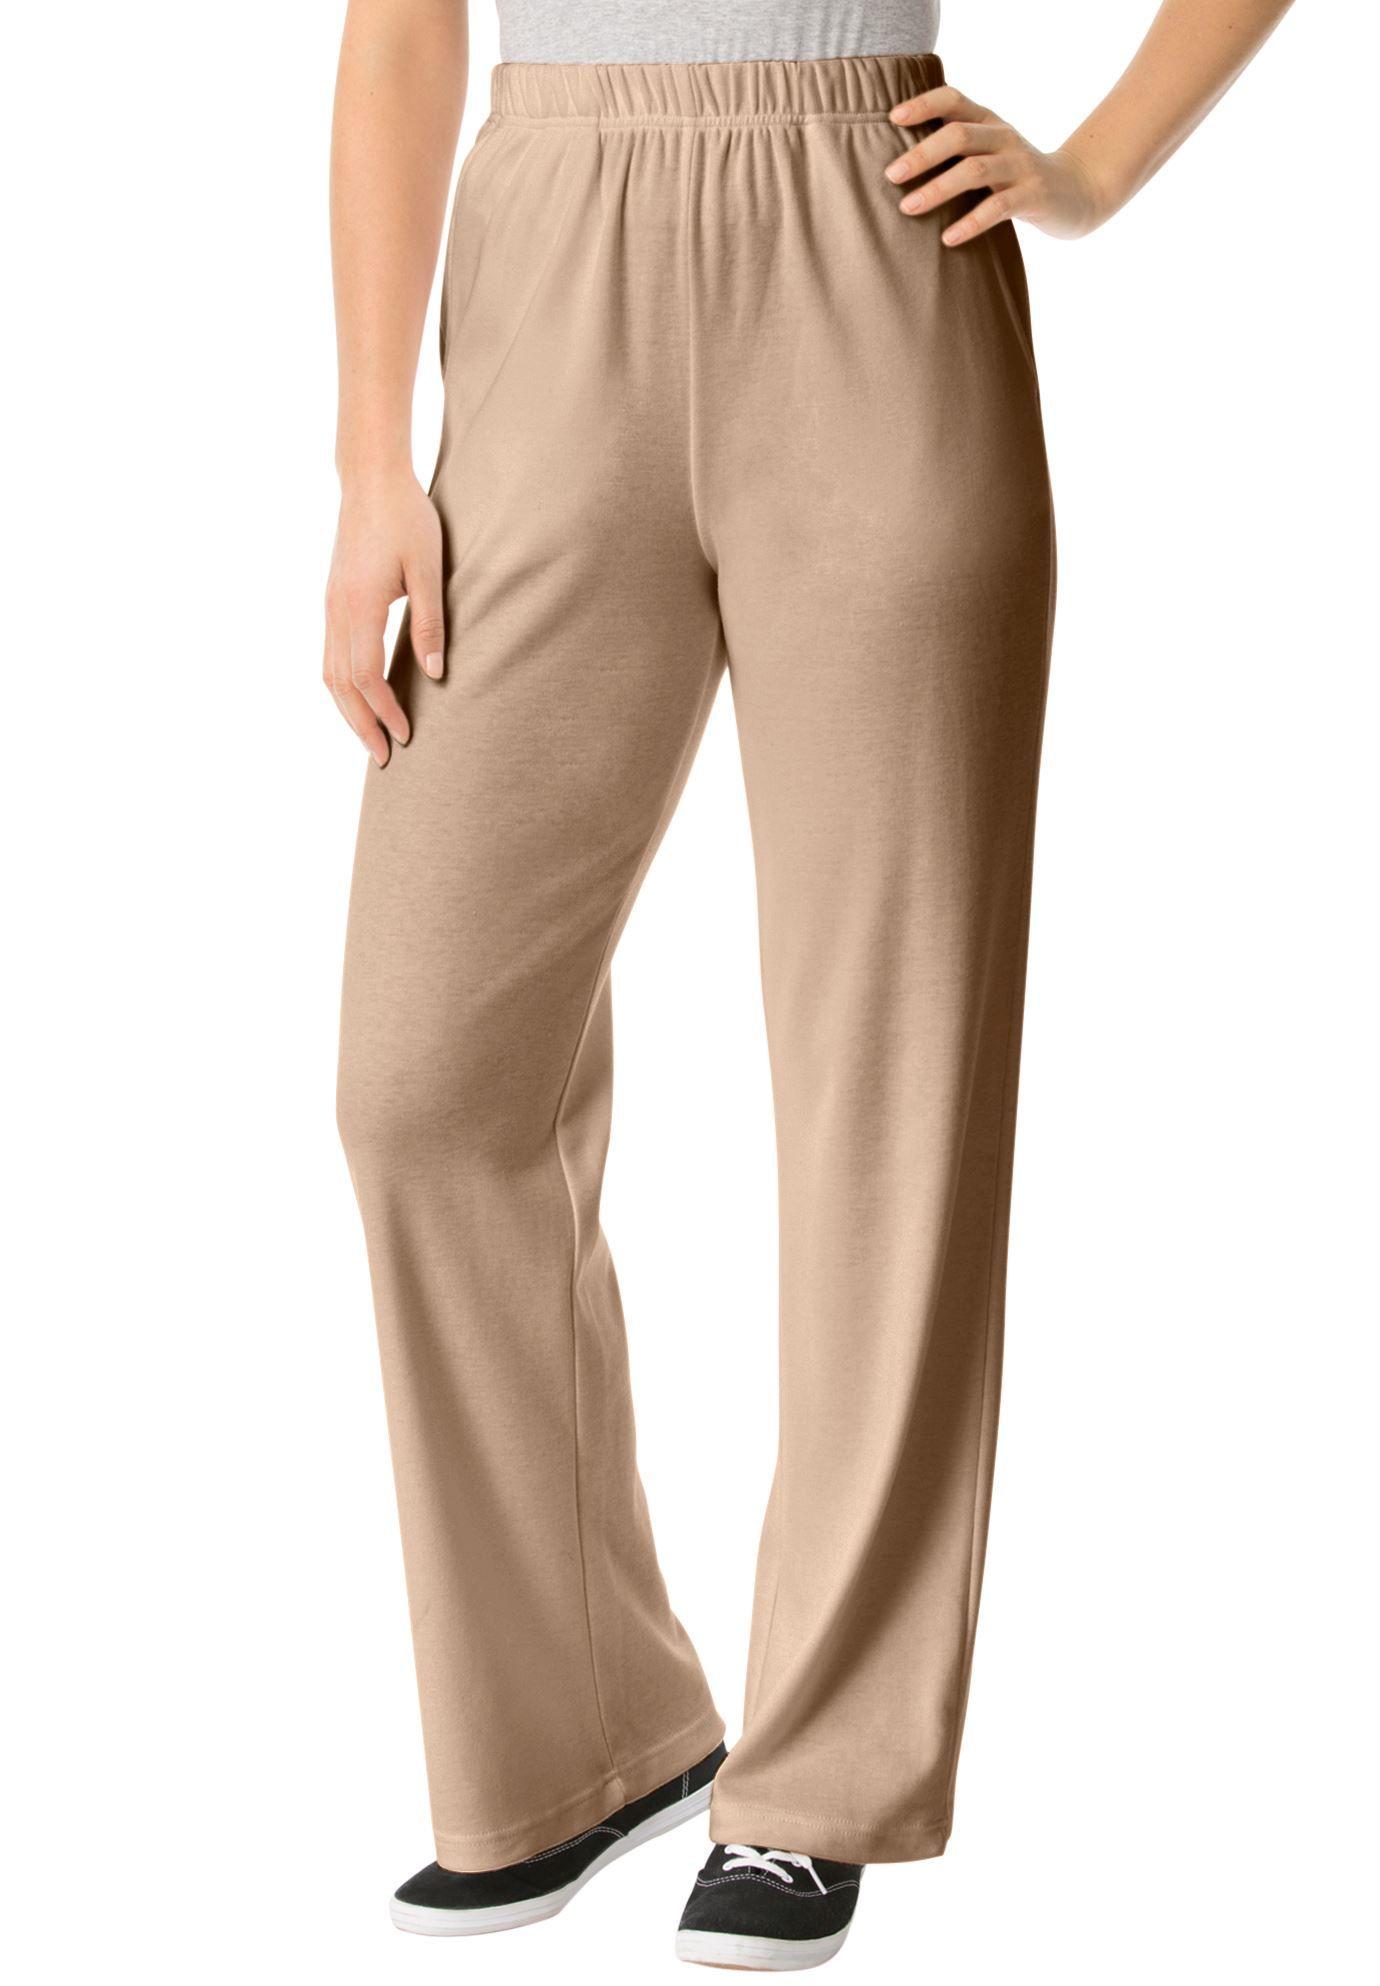 7-Day Knit Wide Leg Pant - Women s Plus Size Clothing  43d081c104df